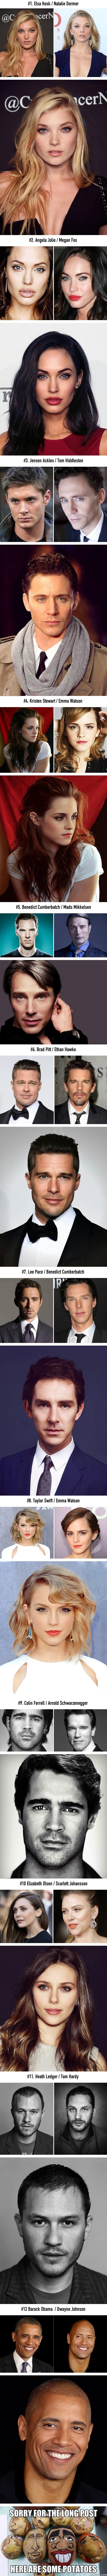 Celebrity face mashups